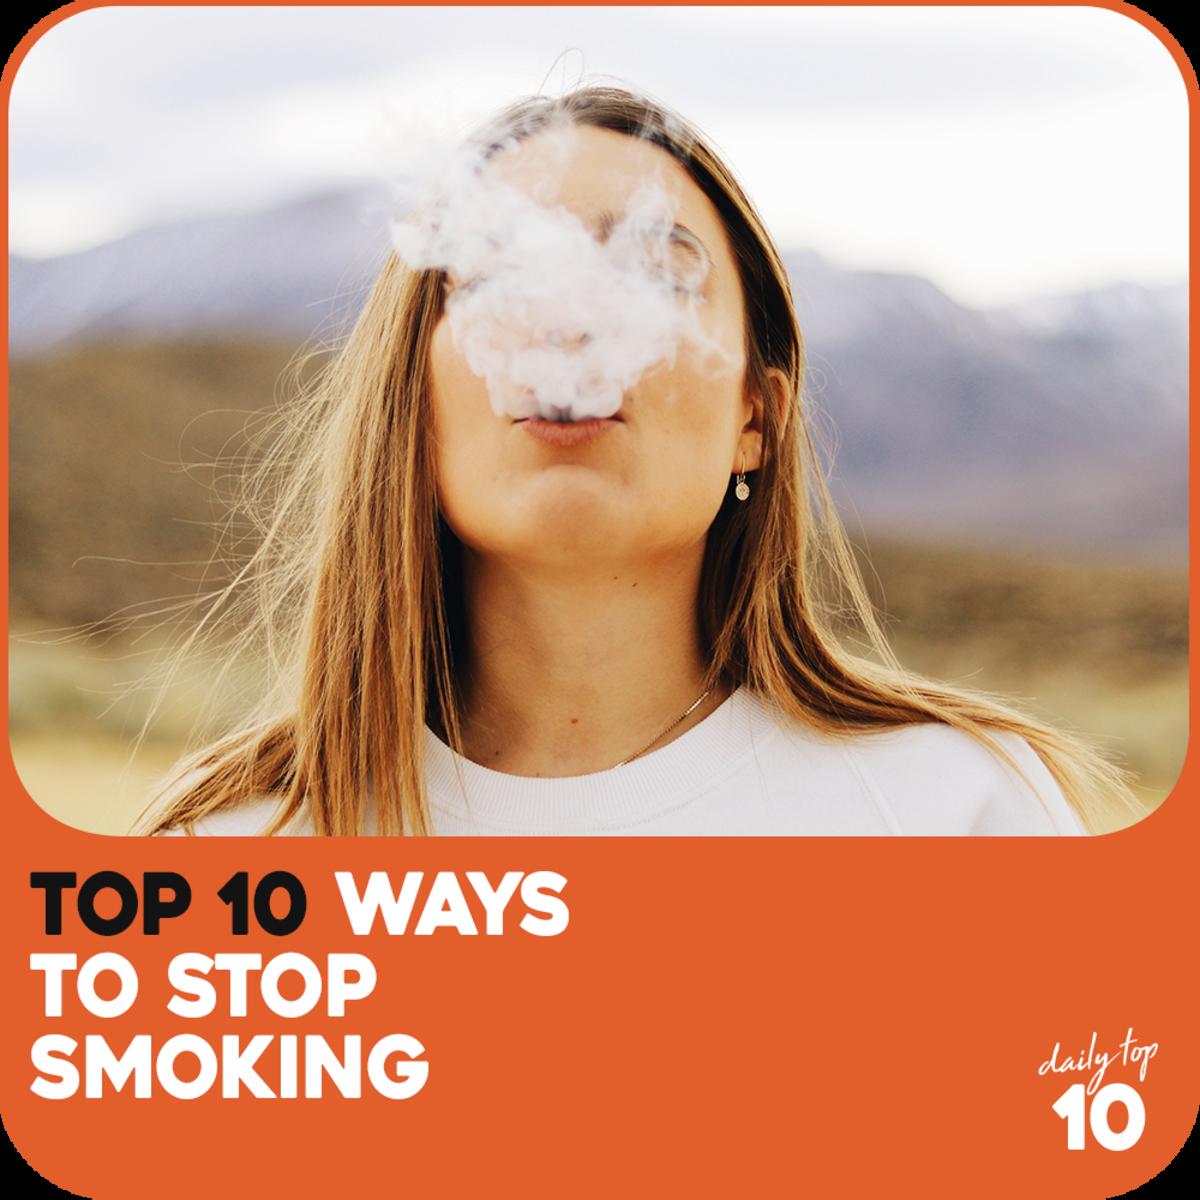 top-10-ways-to-stop-smoking